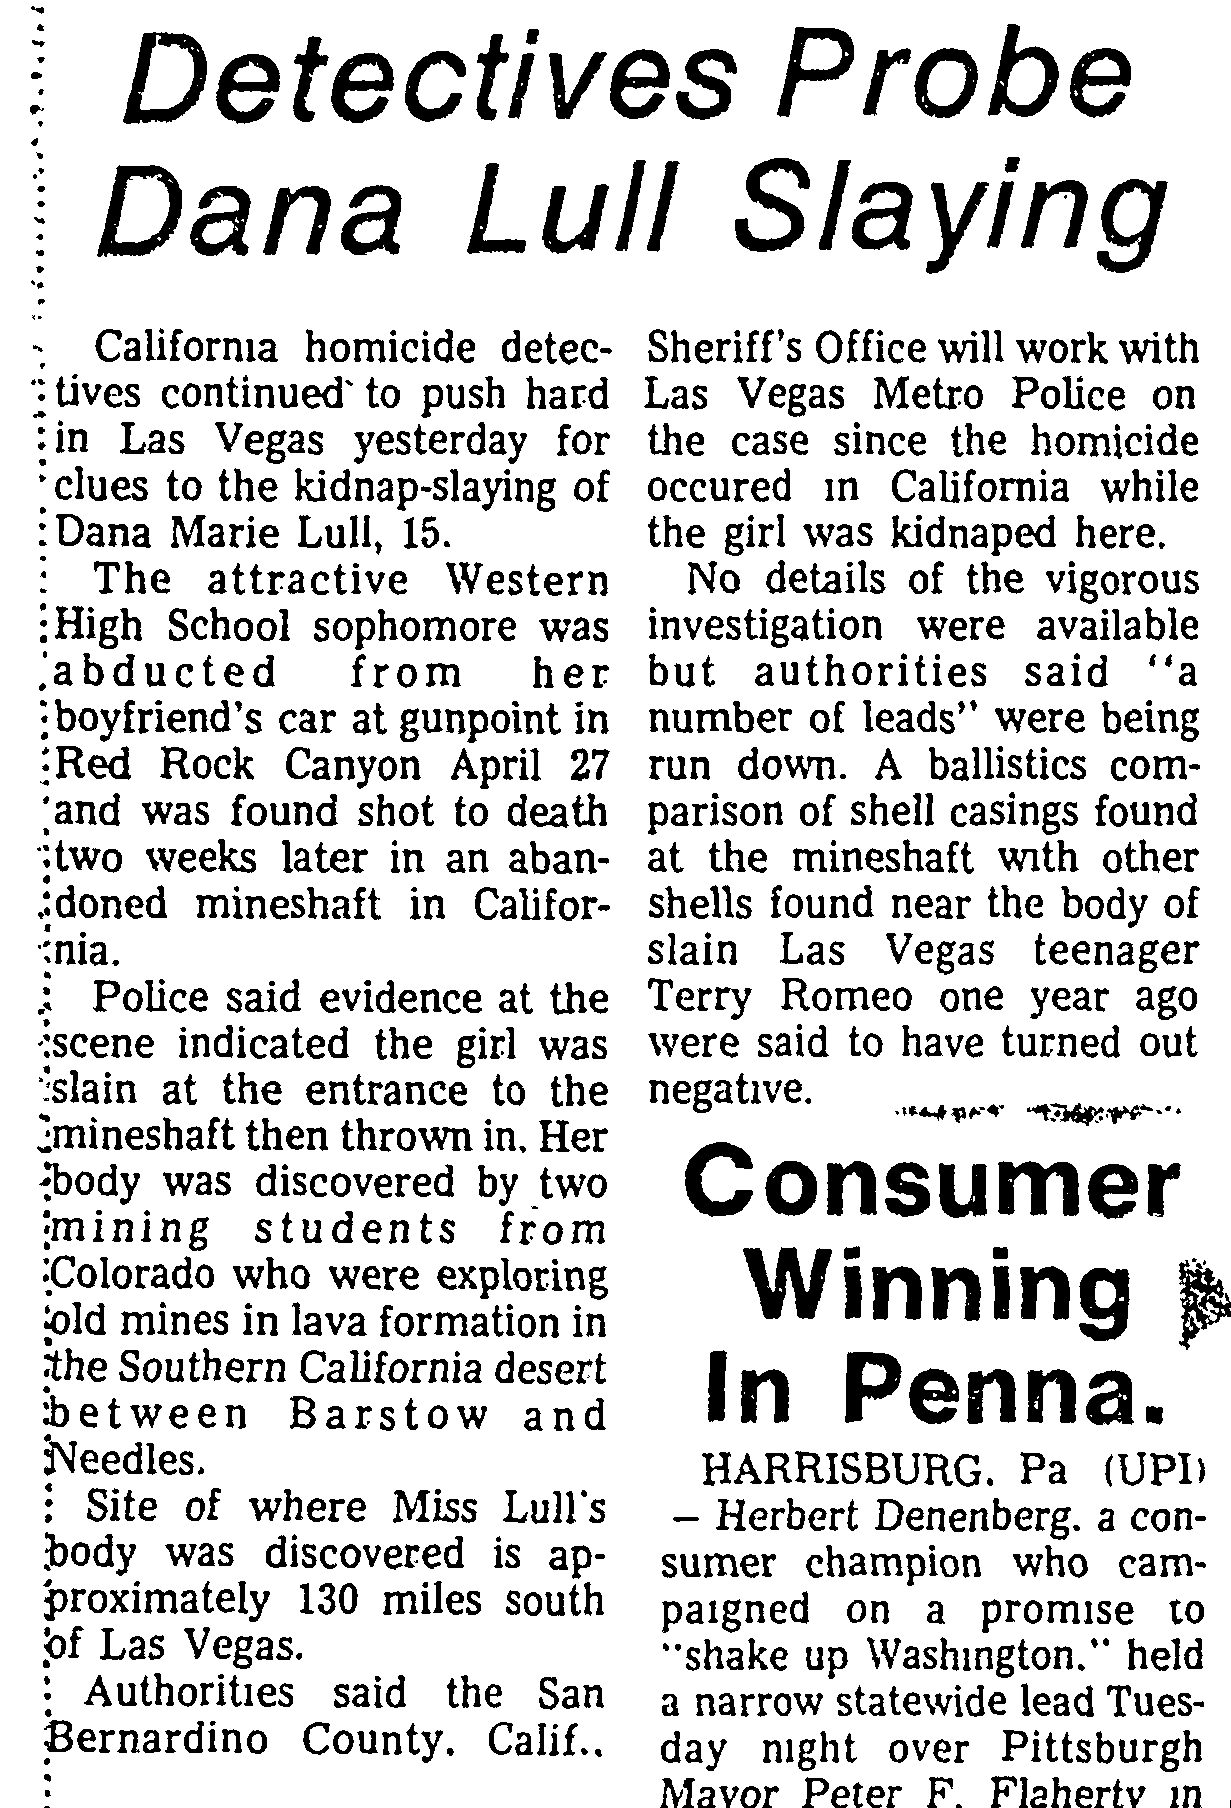 Las Vegas Sun 1974-05-22_14 Dana Lull